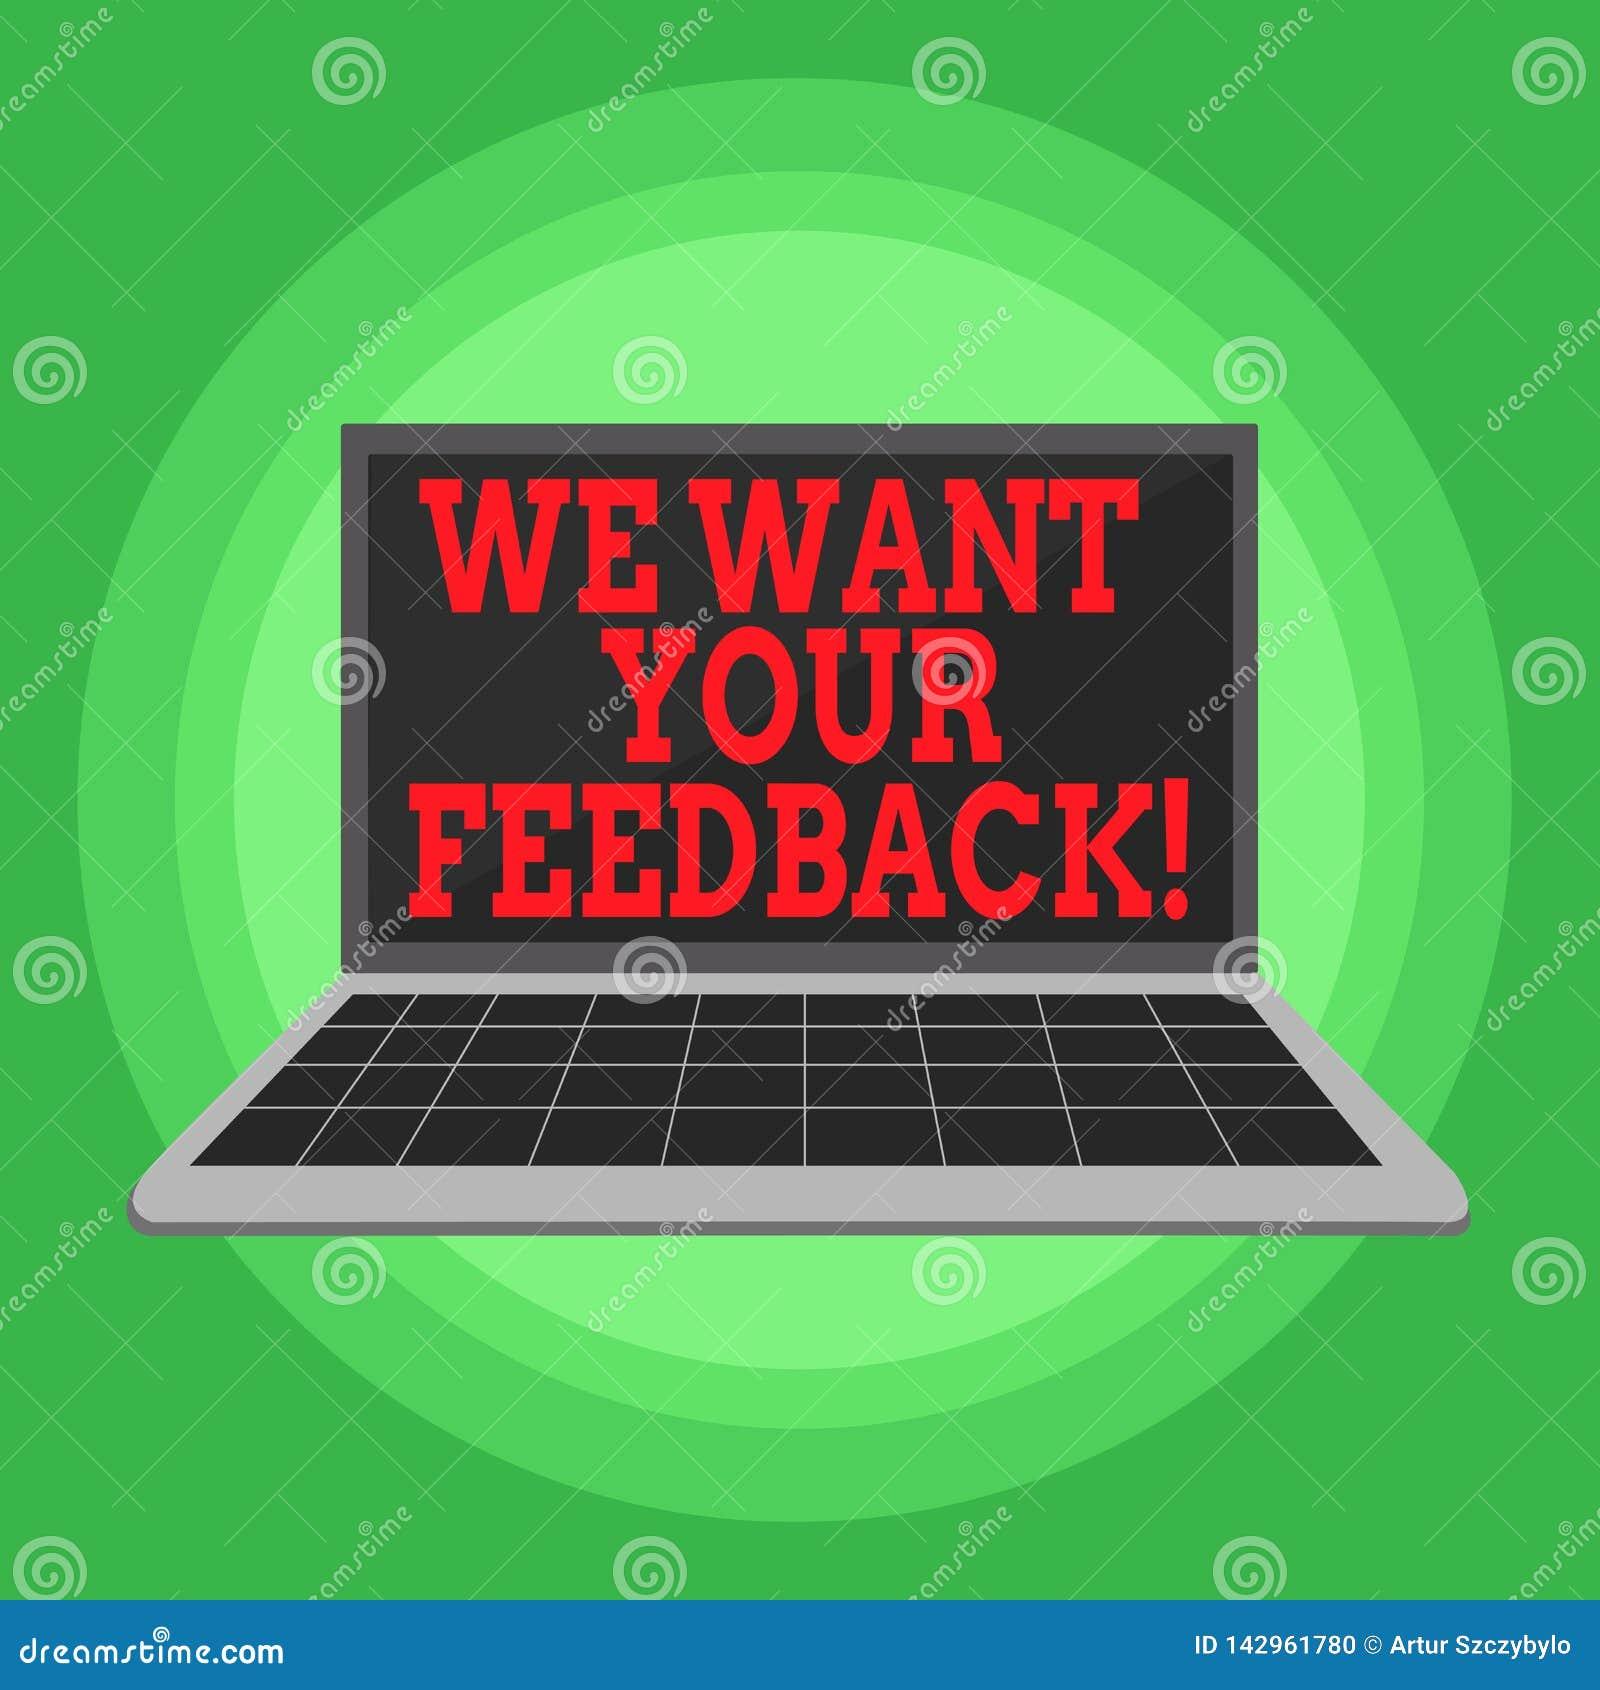 文字笔记陈列我们想要您的反馈 指定的企业照片陈列的批评某人说可以做为